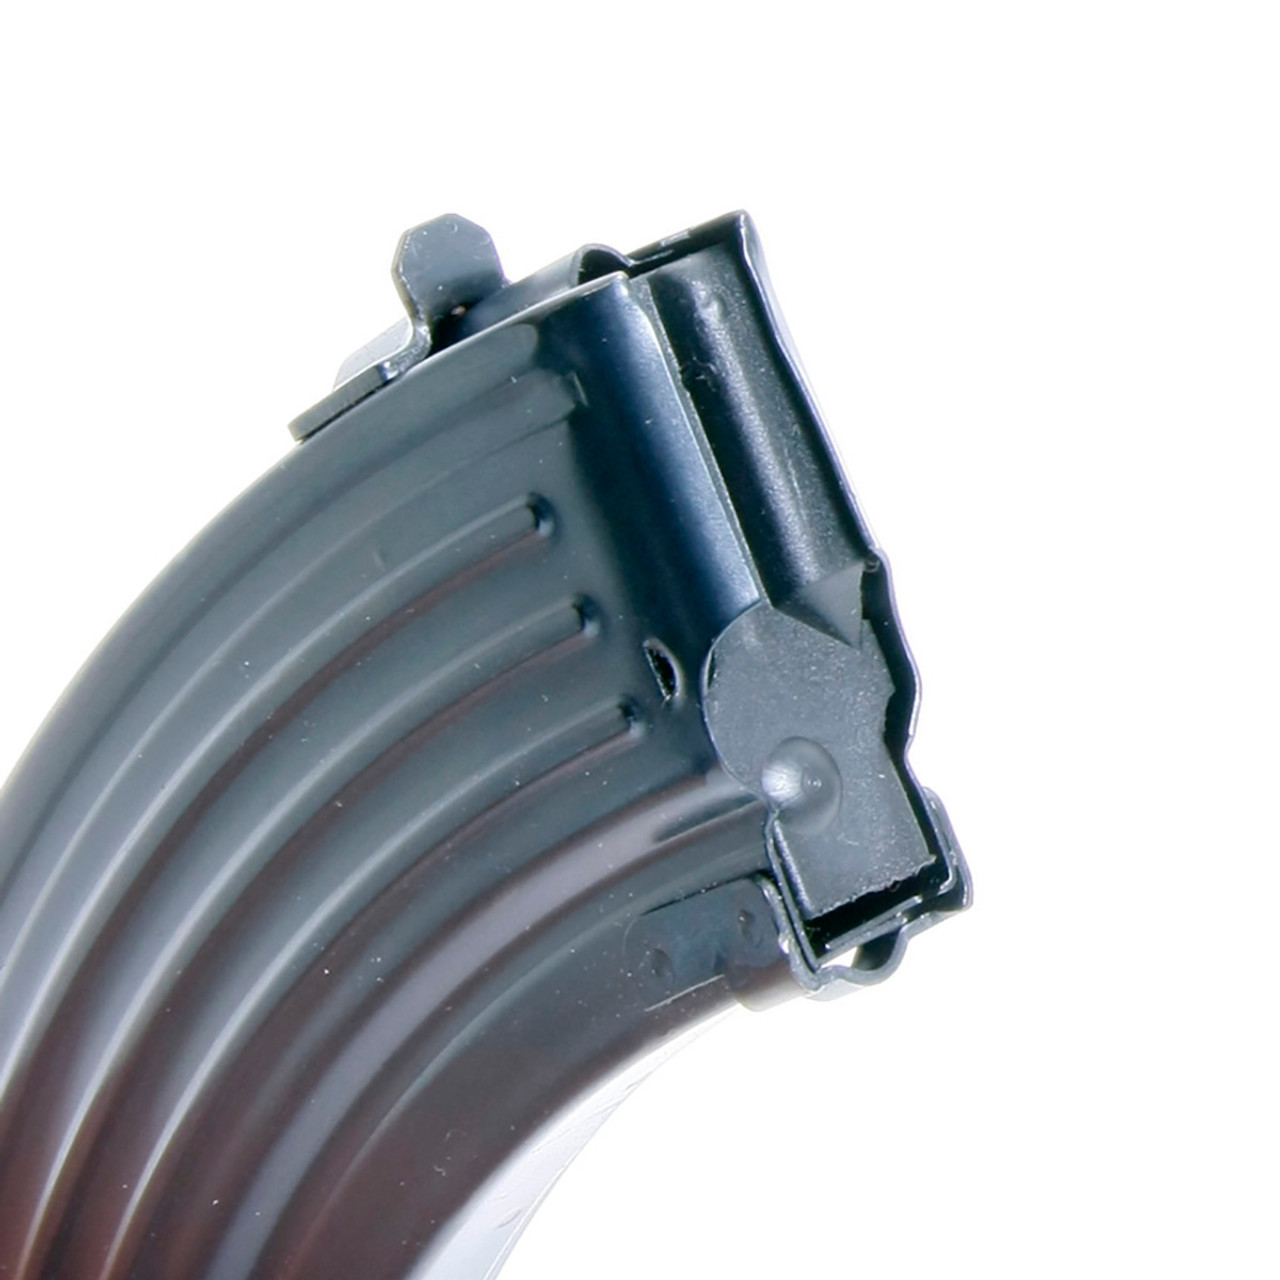 AK-47® 7.62x39mm (30) Rd  - Blue Steel